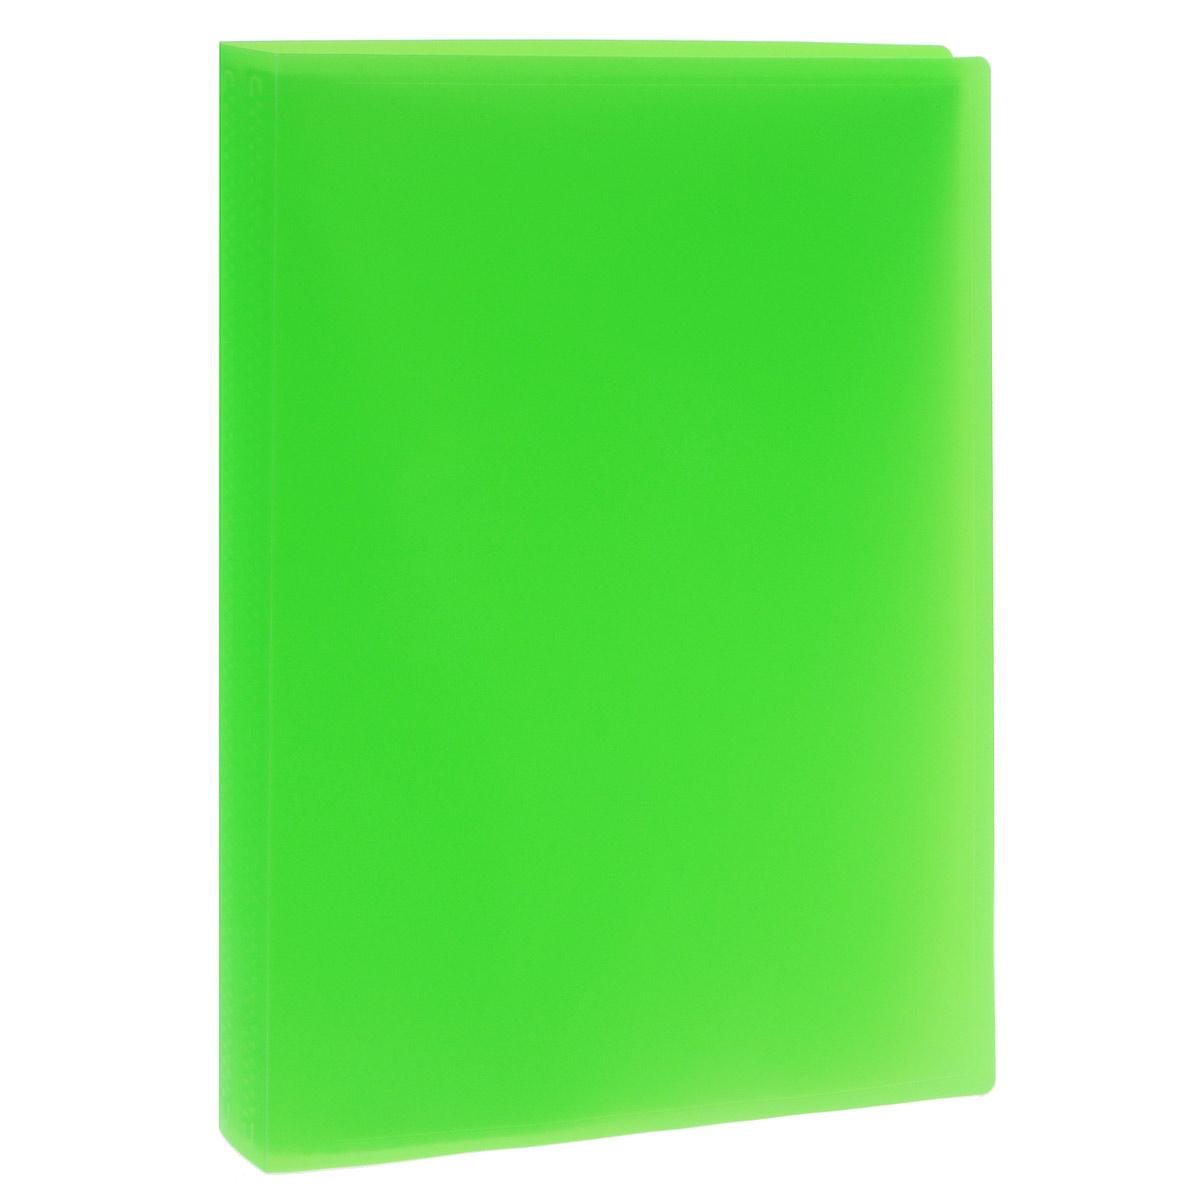 Папка с файлами Erich Krause, 40 листов, формат А4, цвет: зеленыйFS-36054Папка Erich Krause с 40 прозрачными файлами-вкладышами идеально подходит для хранения рабочих бумаг и документов формата А4 без перфорации, требующих упорядоченности и наглядного обзора: отчетов, презентаций, коммерческих и персональных портфолио.Папка выполнена из полупрозрачного жесткого пластика с гофрированной поверхностью в ярких цветовых решениях. Благодаря совершенной технологии производства папка не подвергается воздействию низкой температуры, не деформируется и не ломается при изгибе и транспортировке.